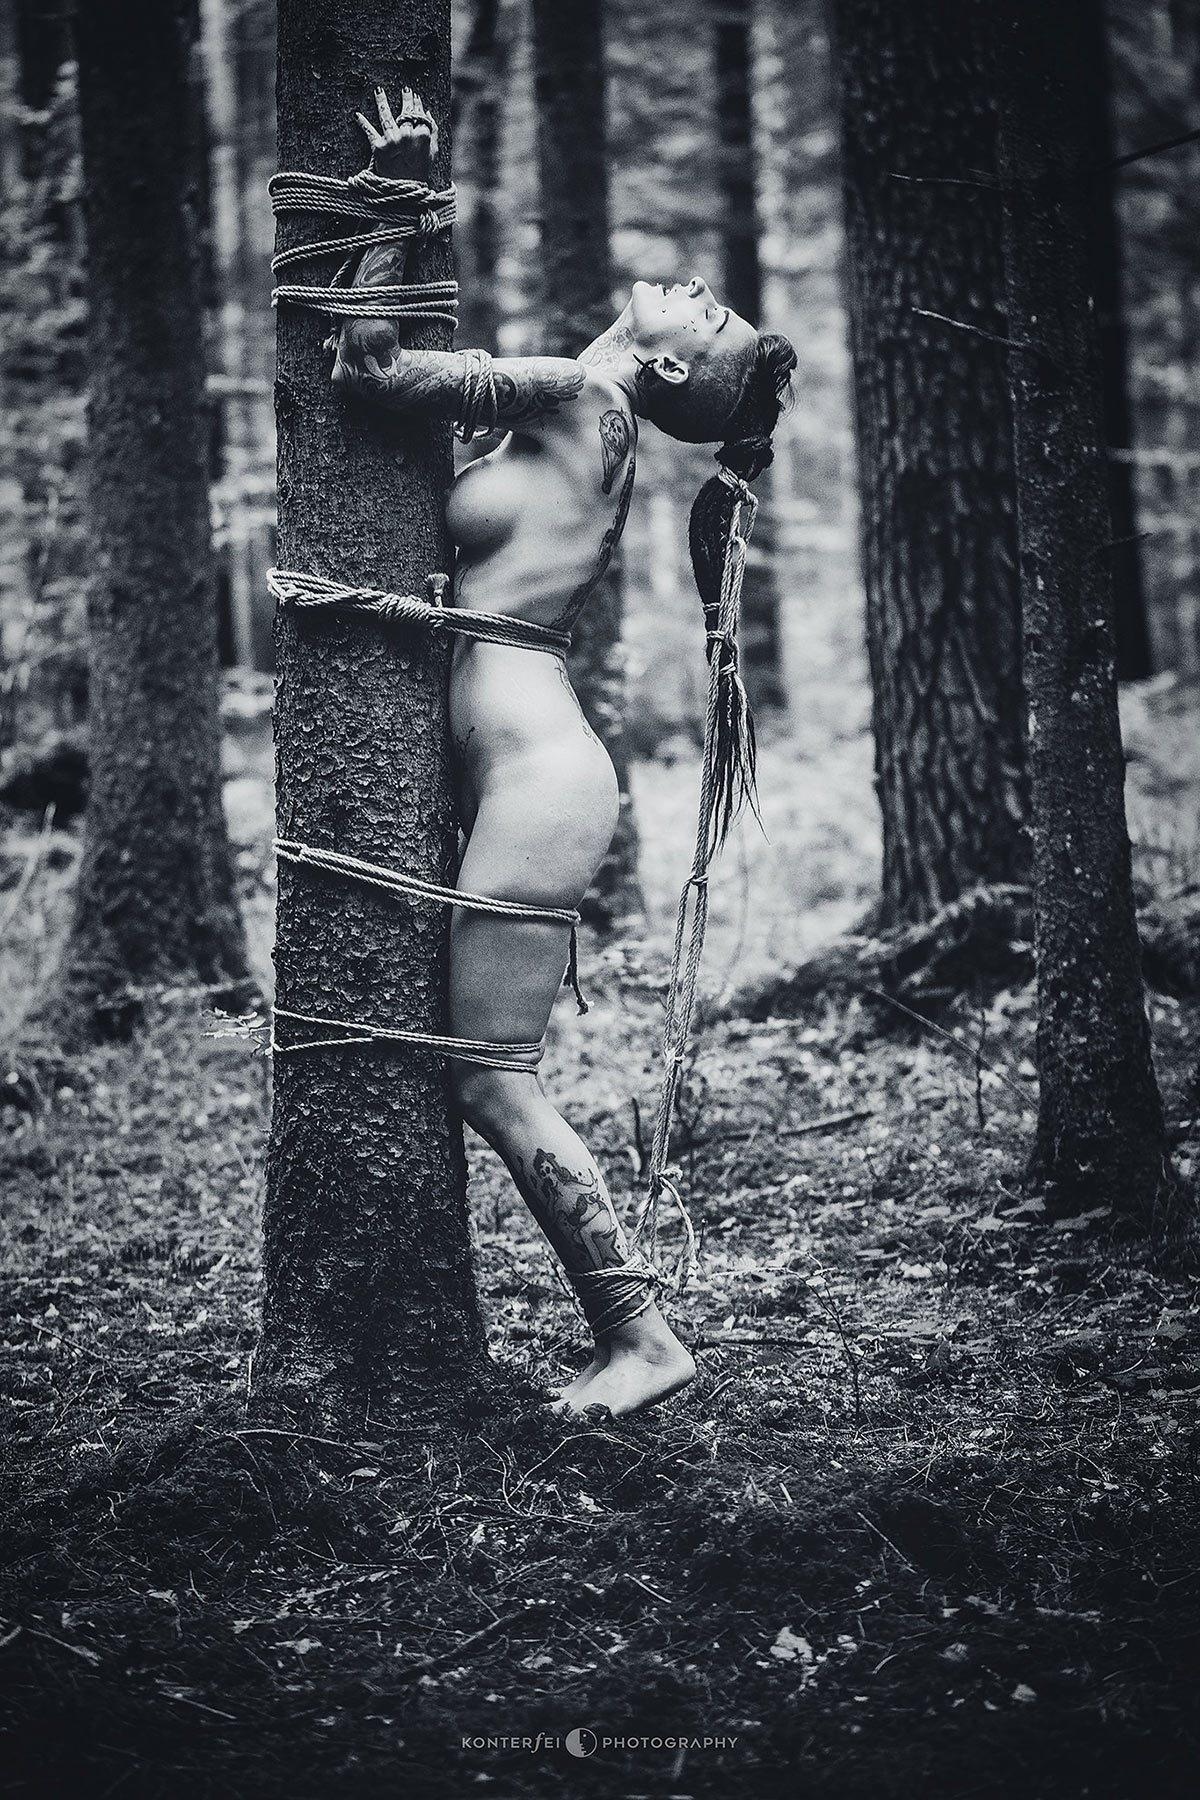 Treelover | Bondage | Photography